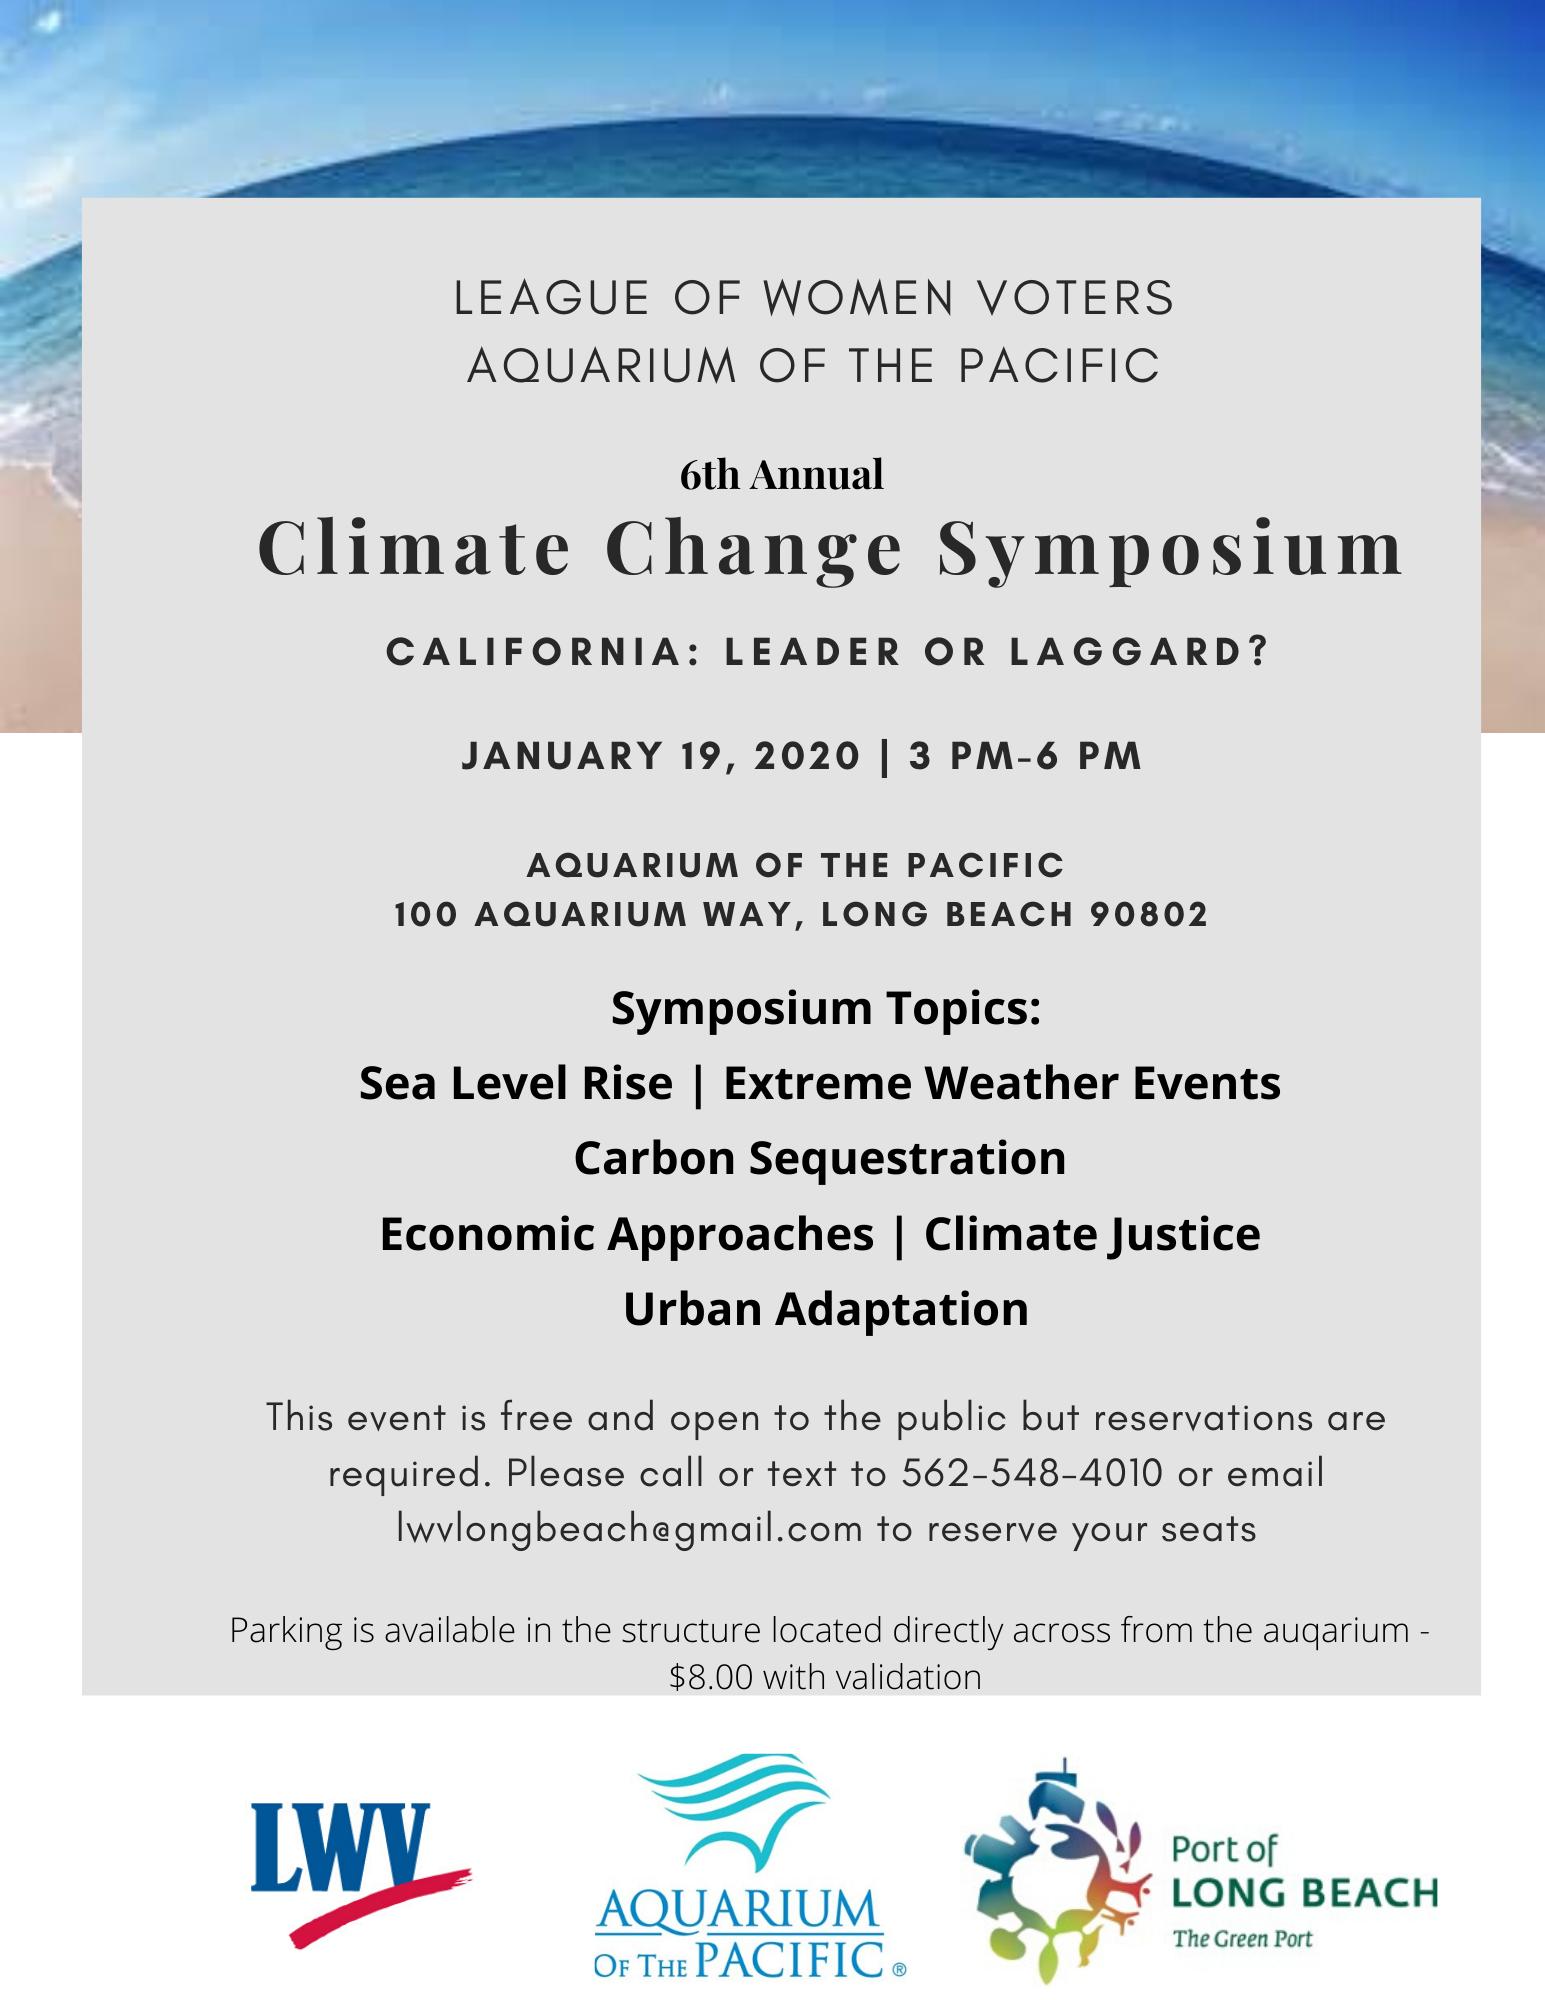 2020 CLimate Change Symposium